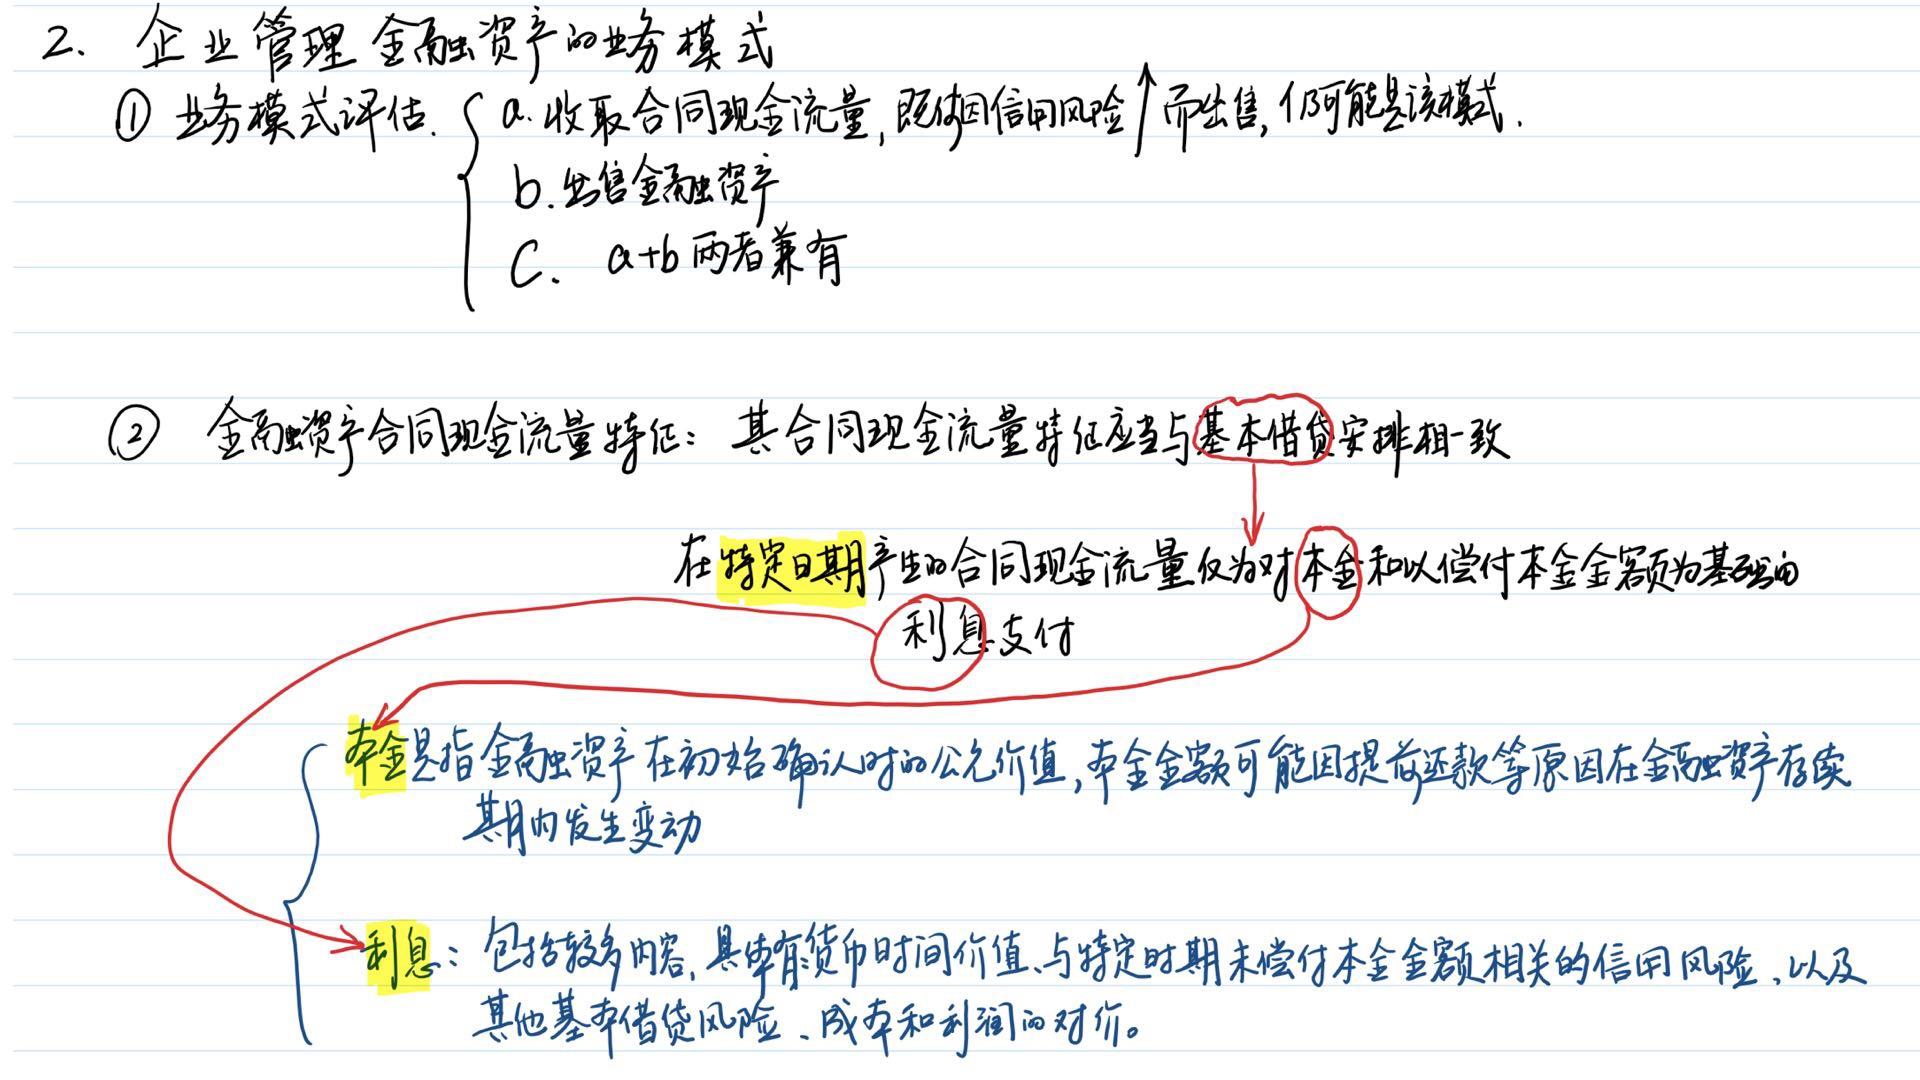 tmp_6e28f579703348a4fc032ac0cc013827.jpg